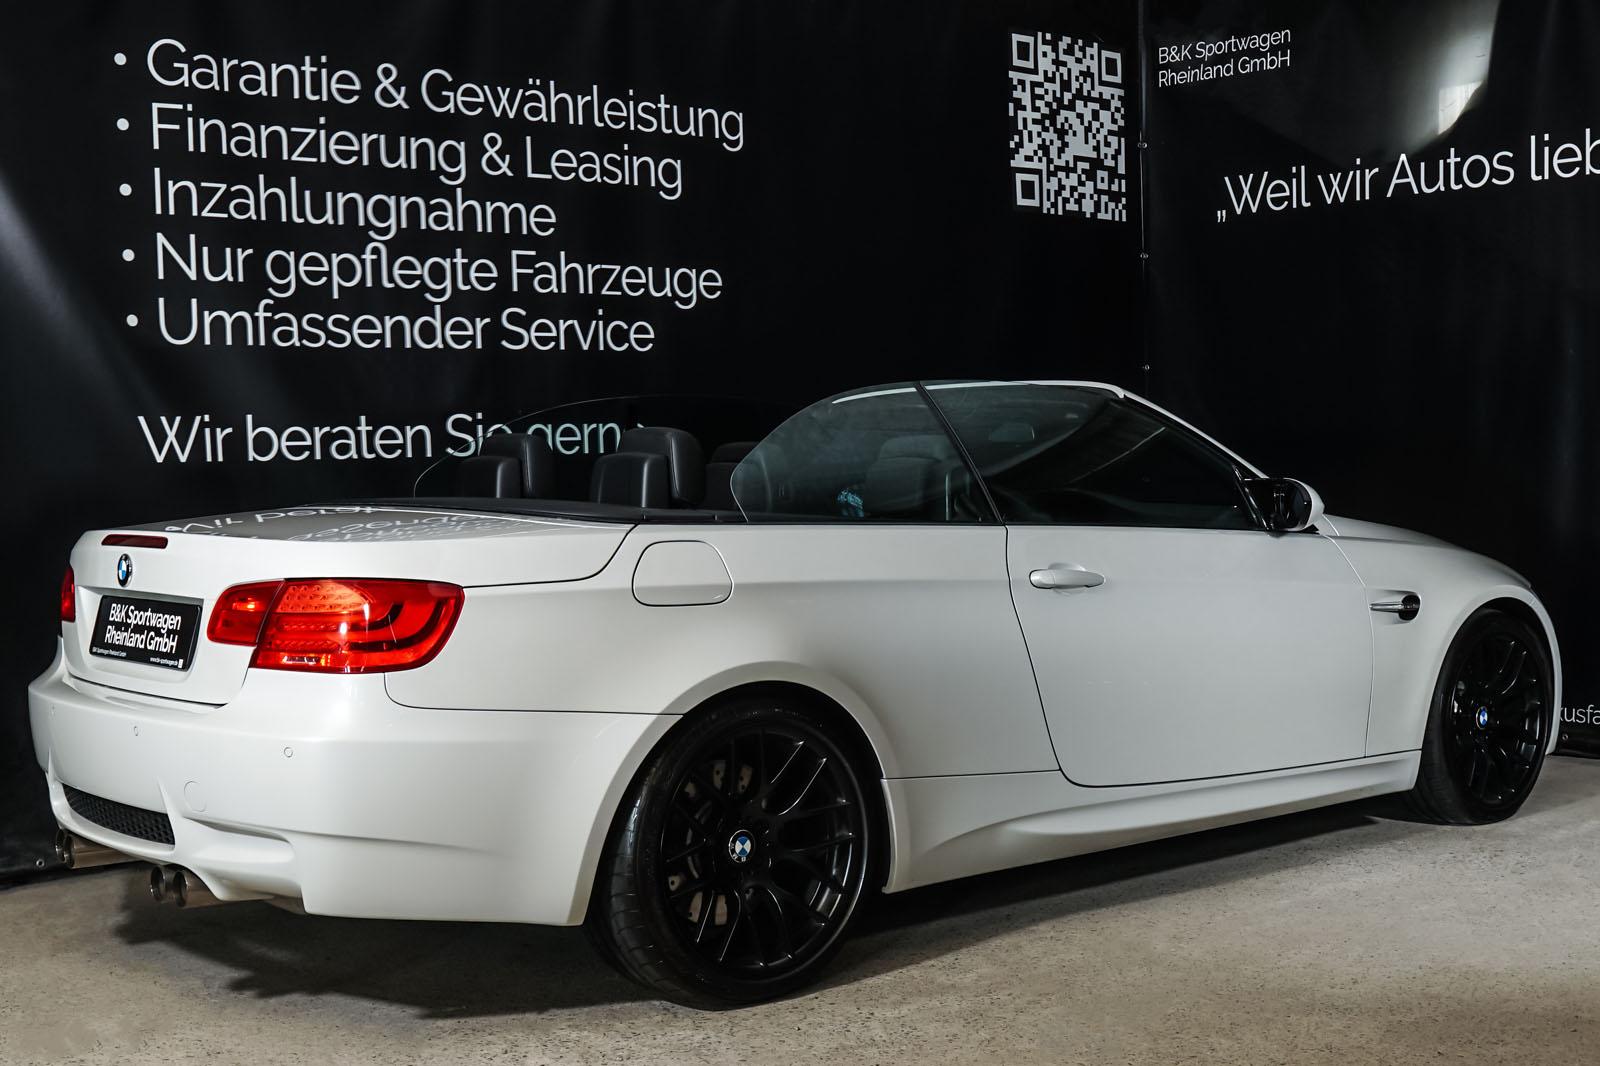 BMW_M3_Cabrio_Weiß_Schwarz_BMW-5973_22_w